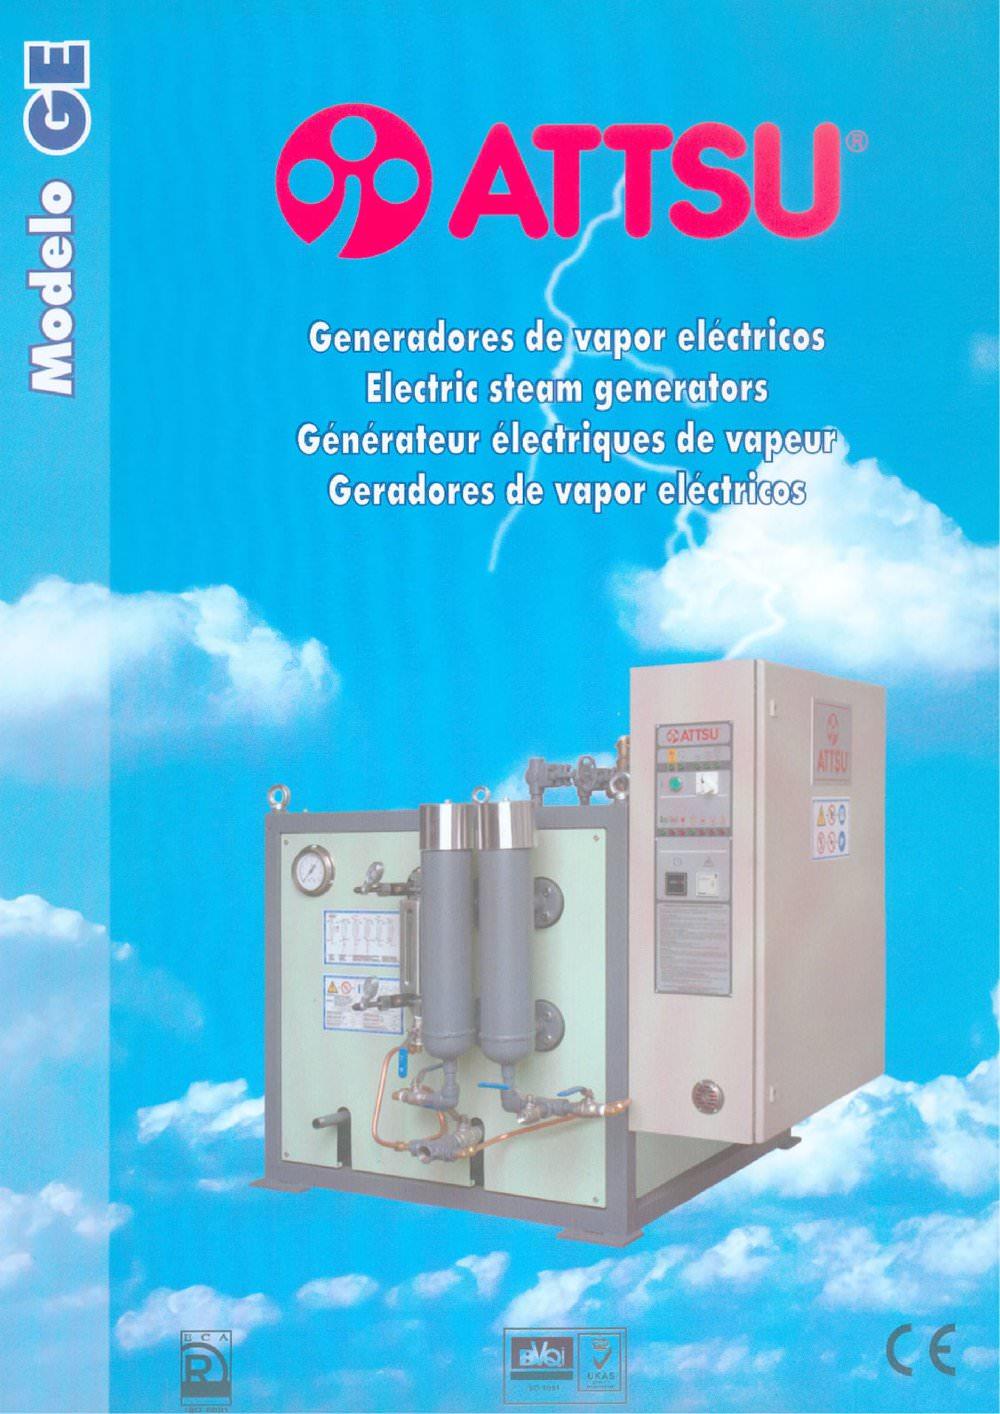 Model GE Electric Steam Generator - ATTSU TERMICA S.L. - PDF ...